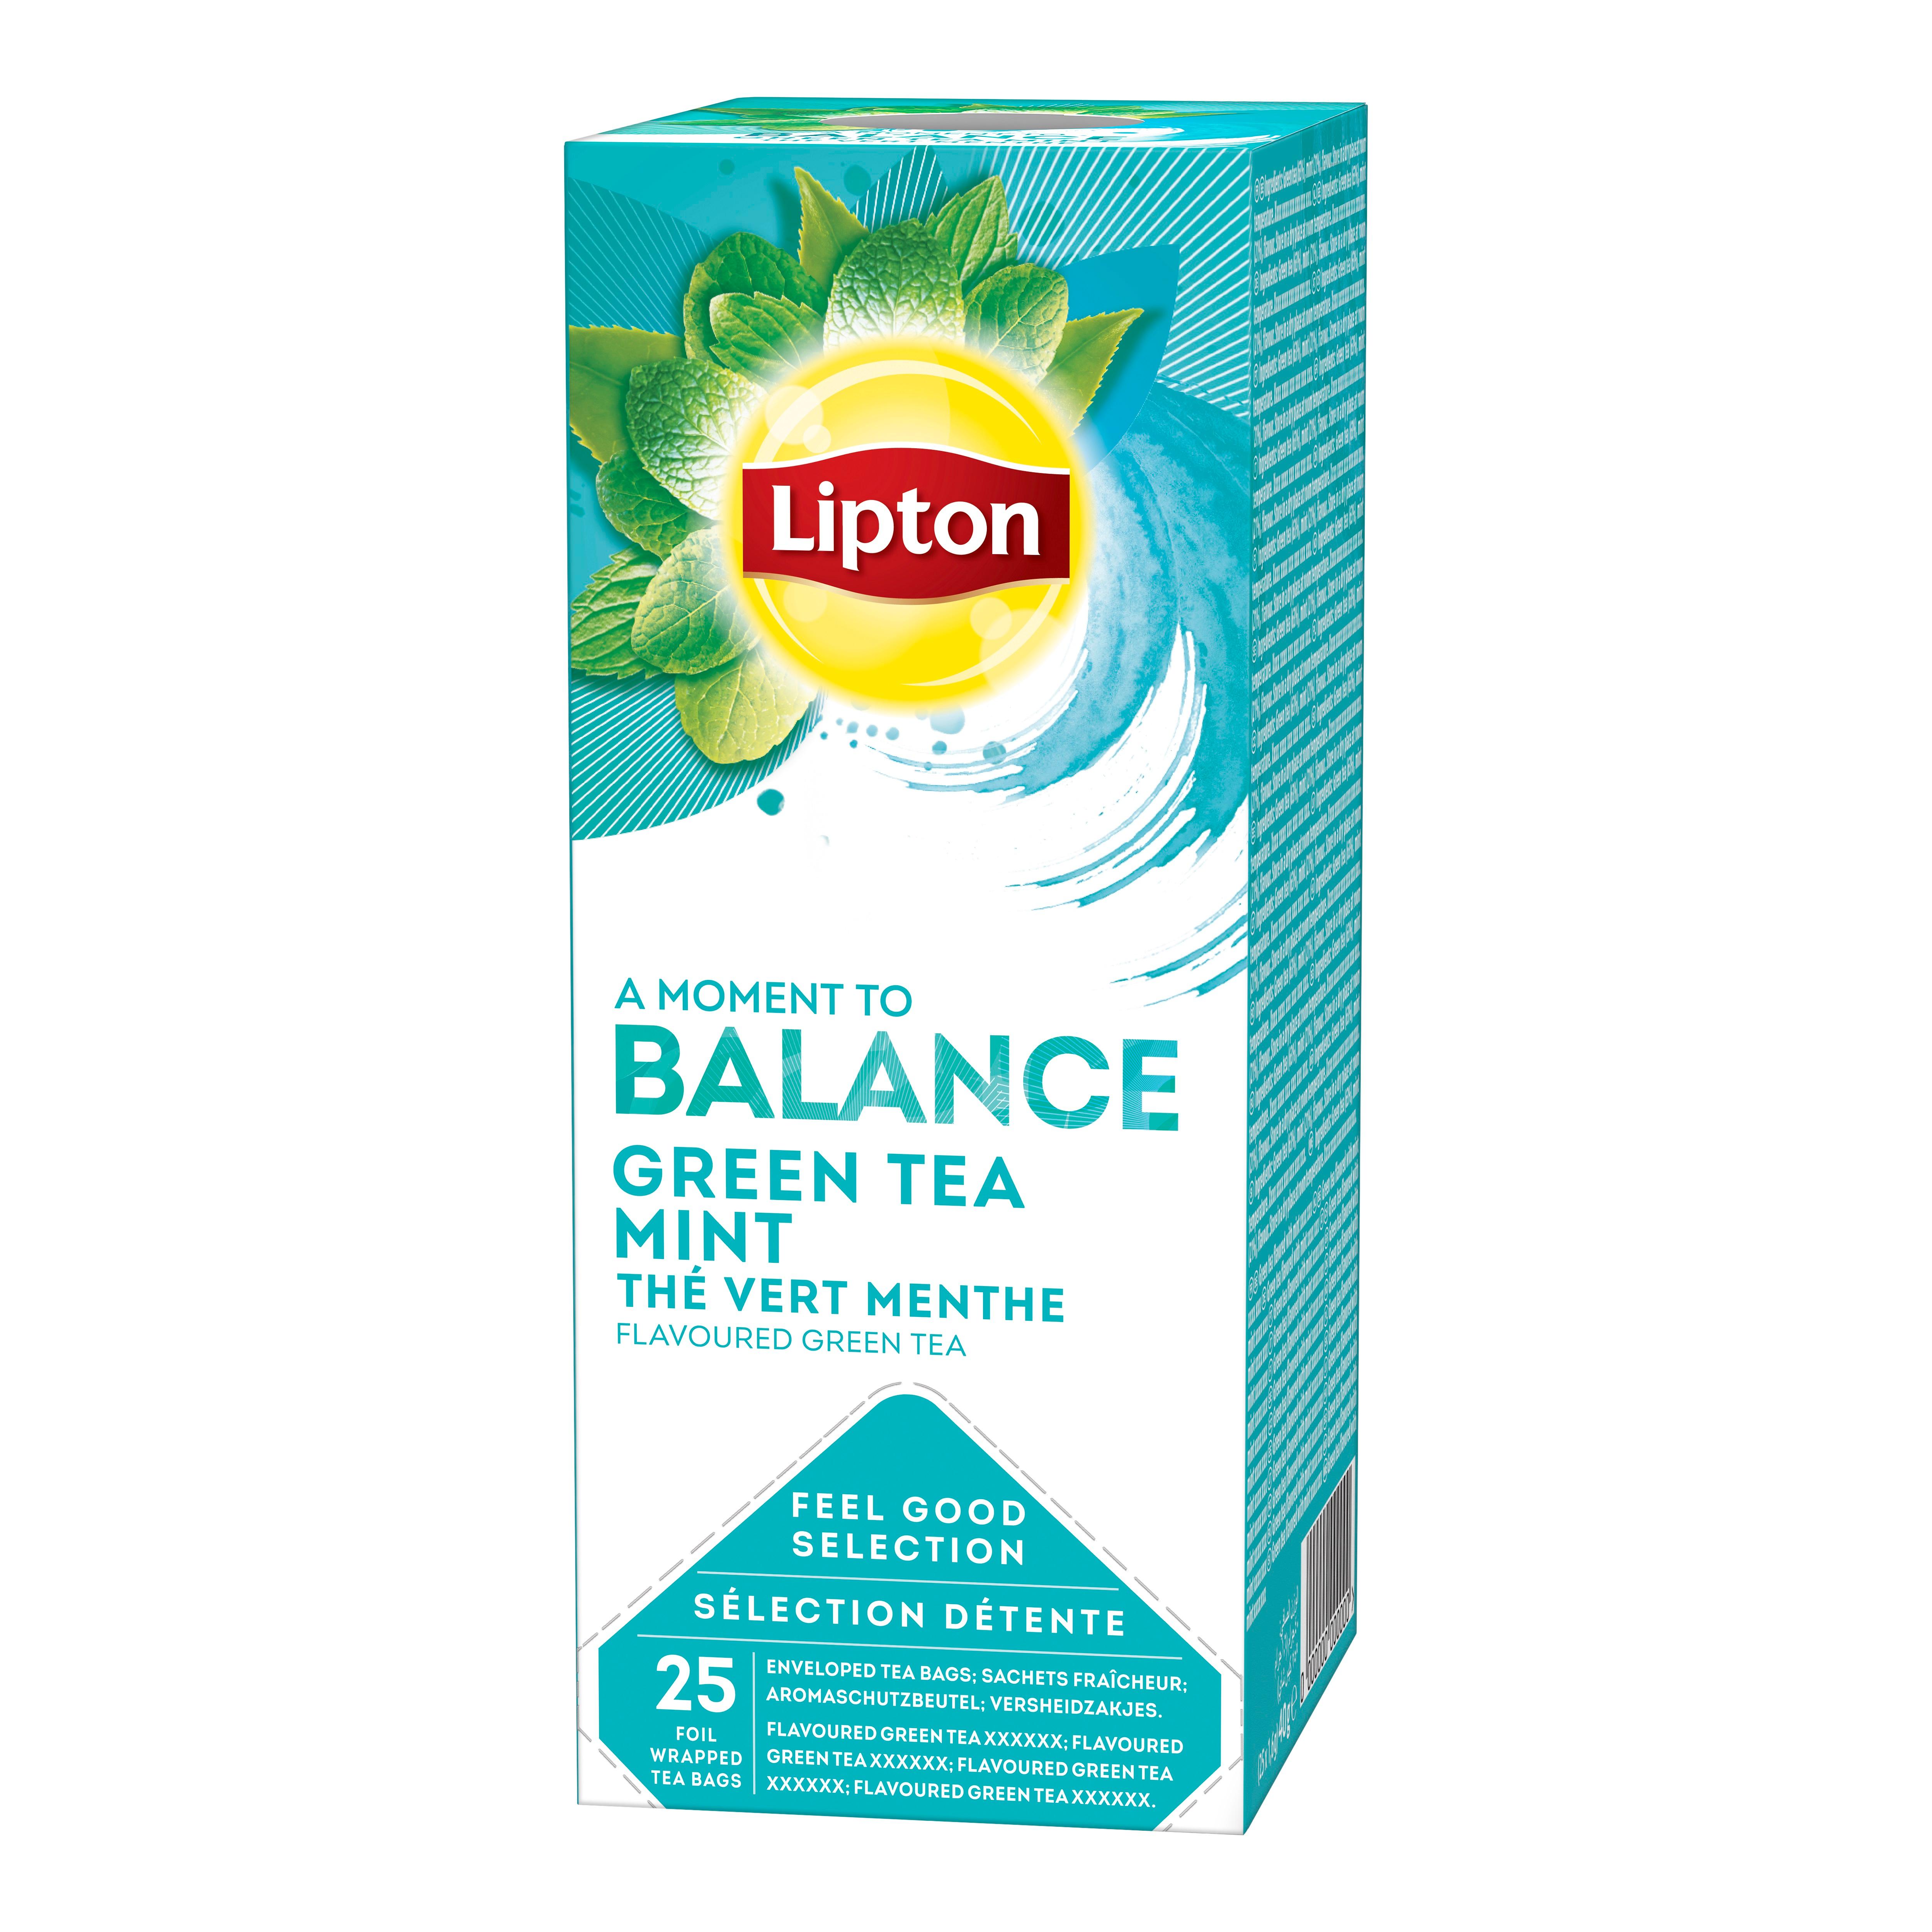 Lipton zeleni čaj z meto 25/1 - Na voljo so različni Lipton čaji: zeliščni, črni, zeleni in sadni.